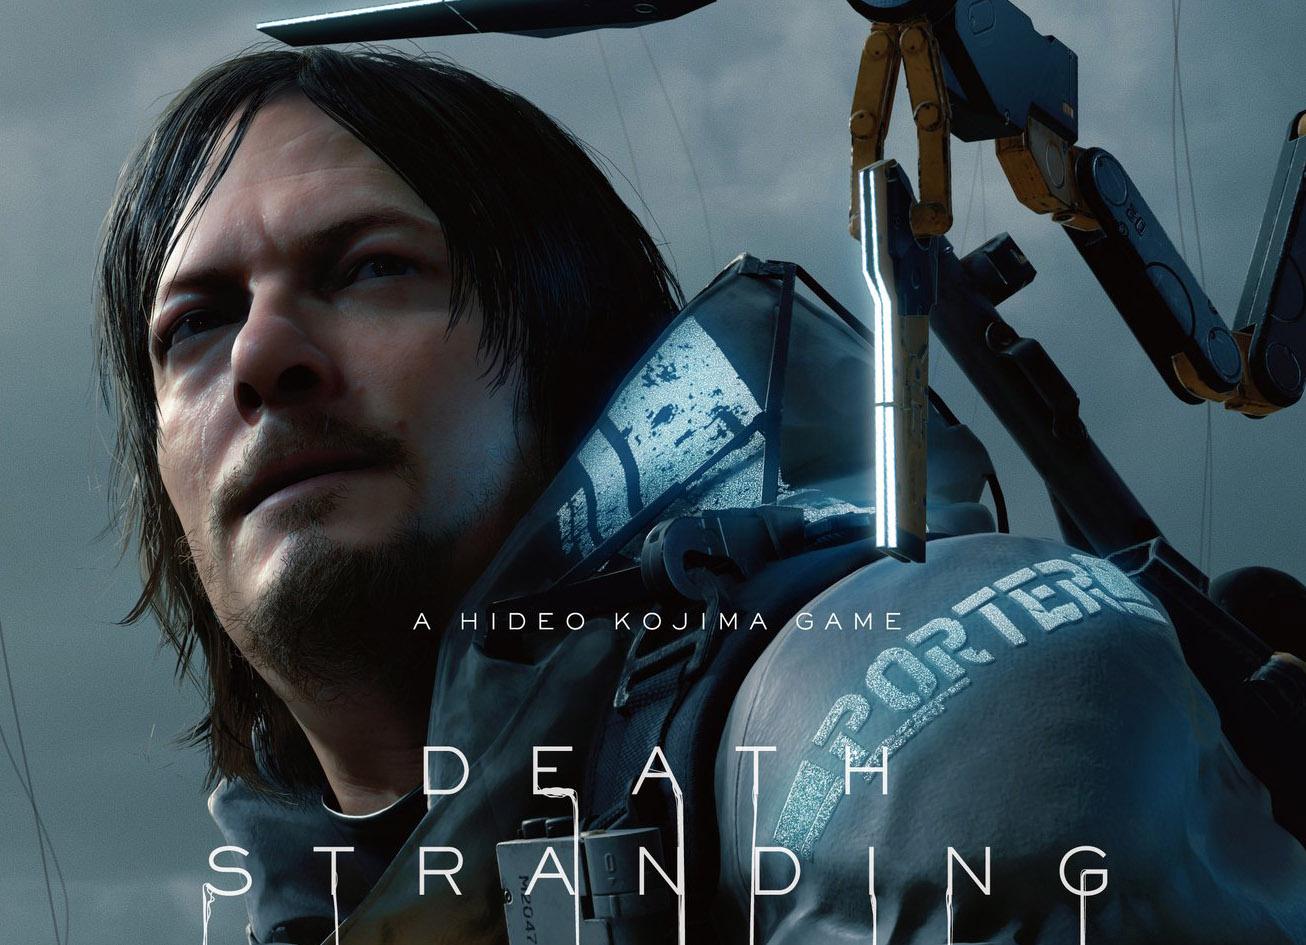 El nuevo trailer de Death Stranding es otra genialidad de Kojima que no lograrás entender